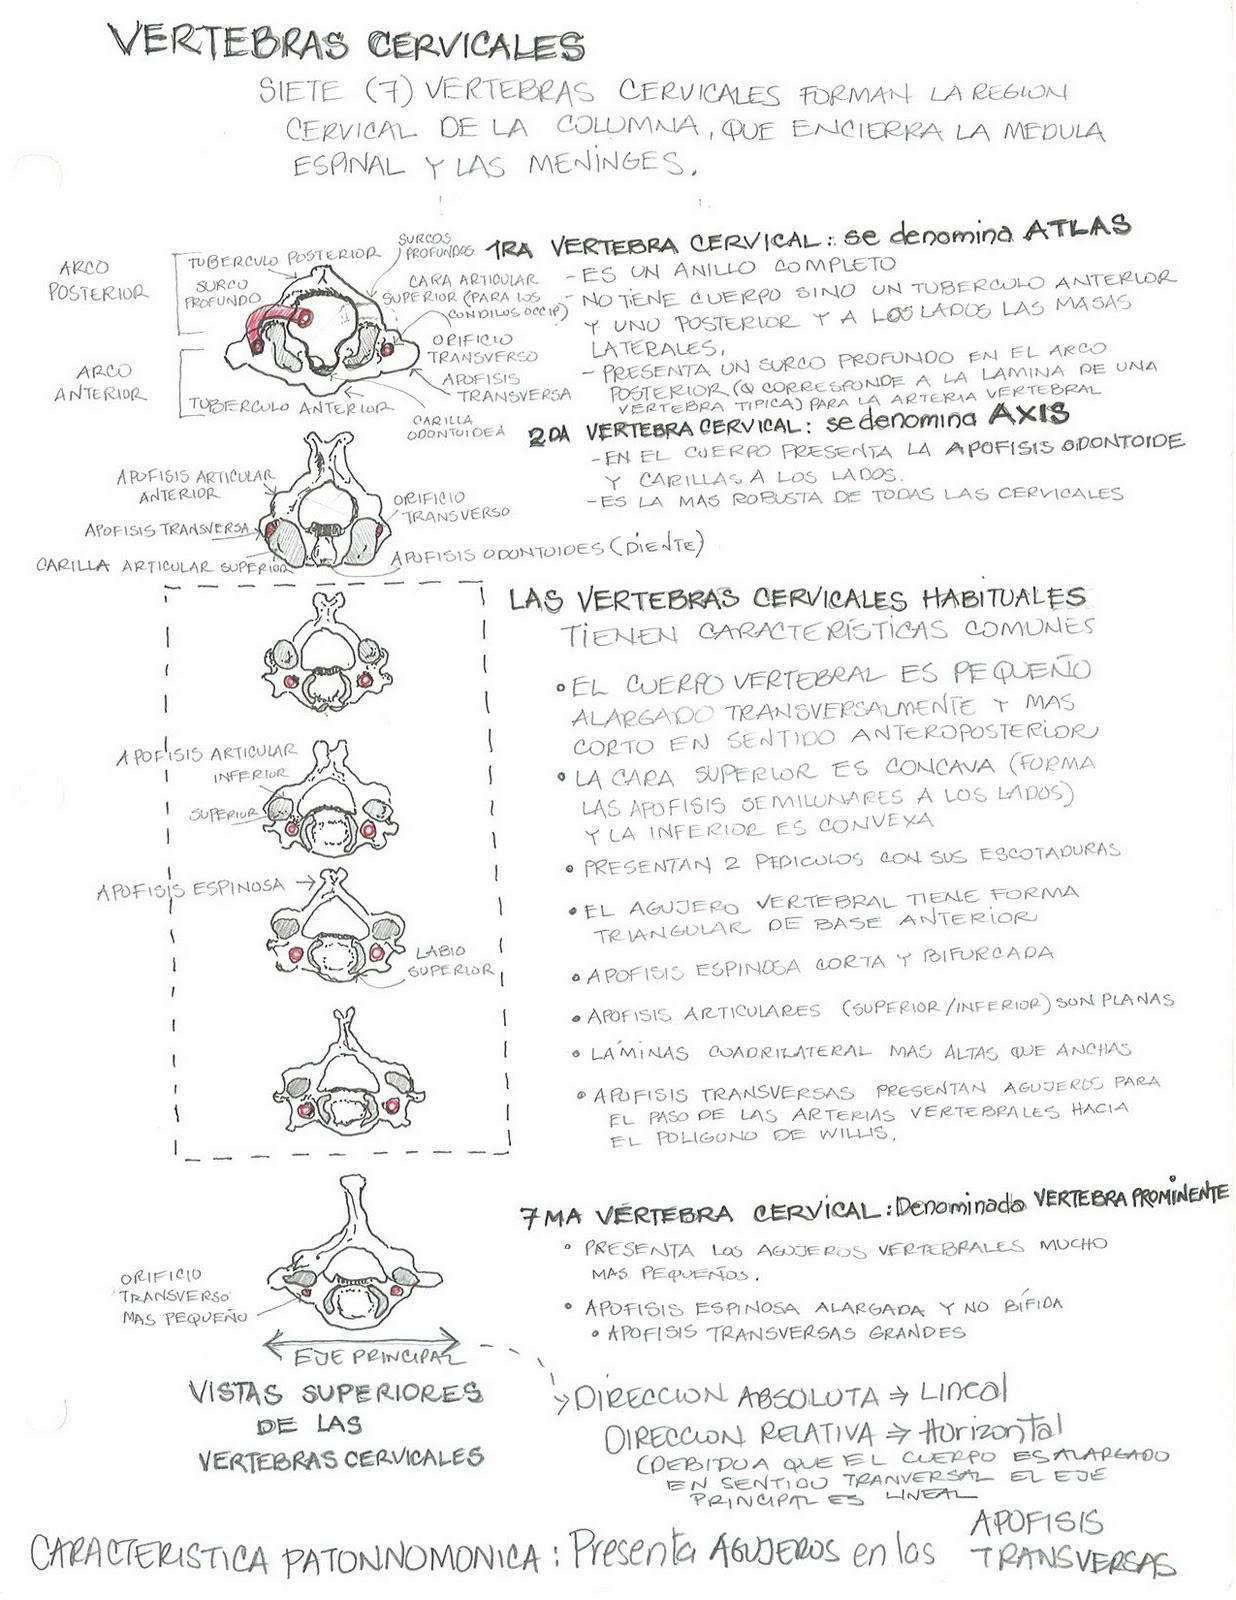 Anatomía Humana... Para Humanos: Sistema Oseo - Vertebras Cervicales